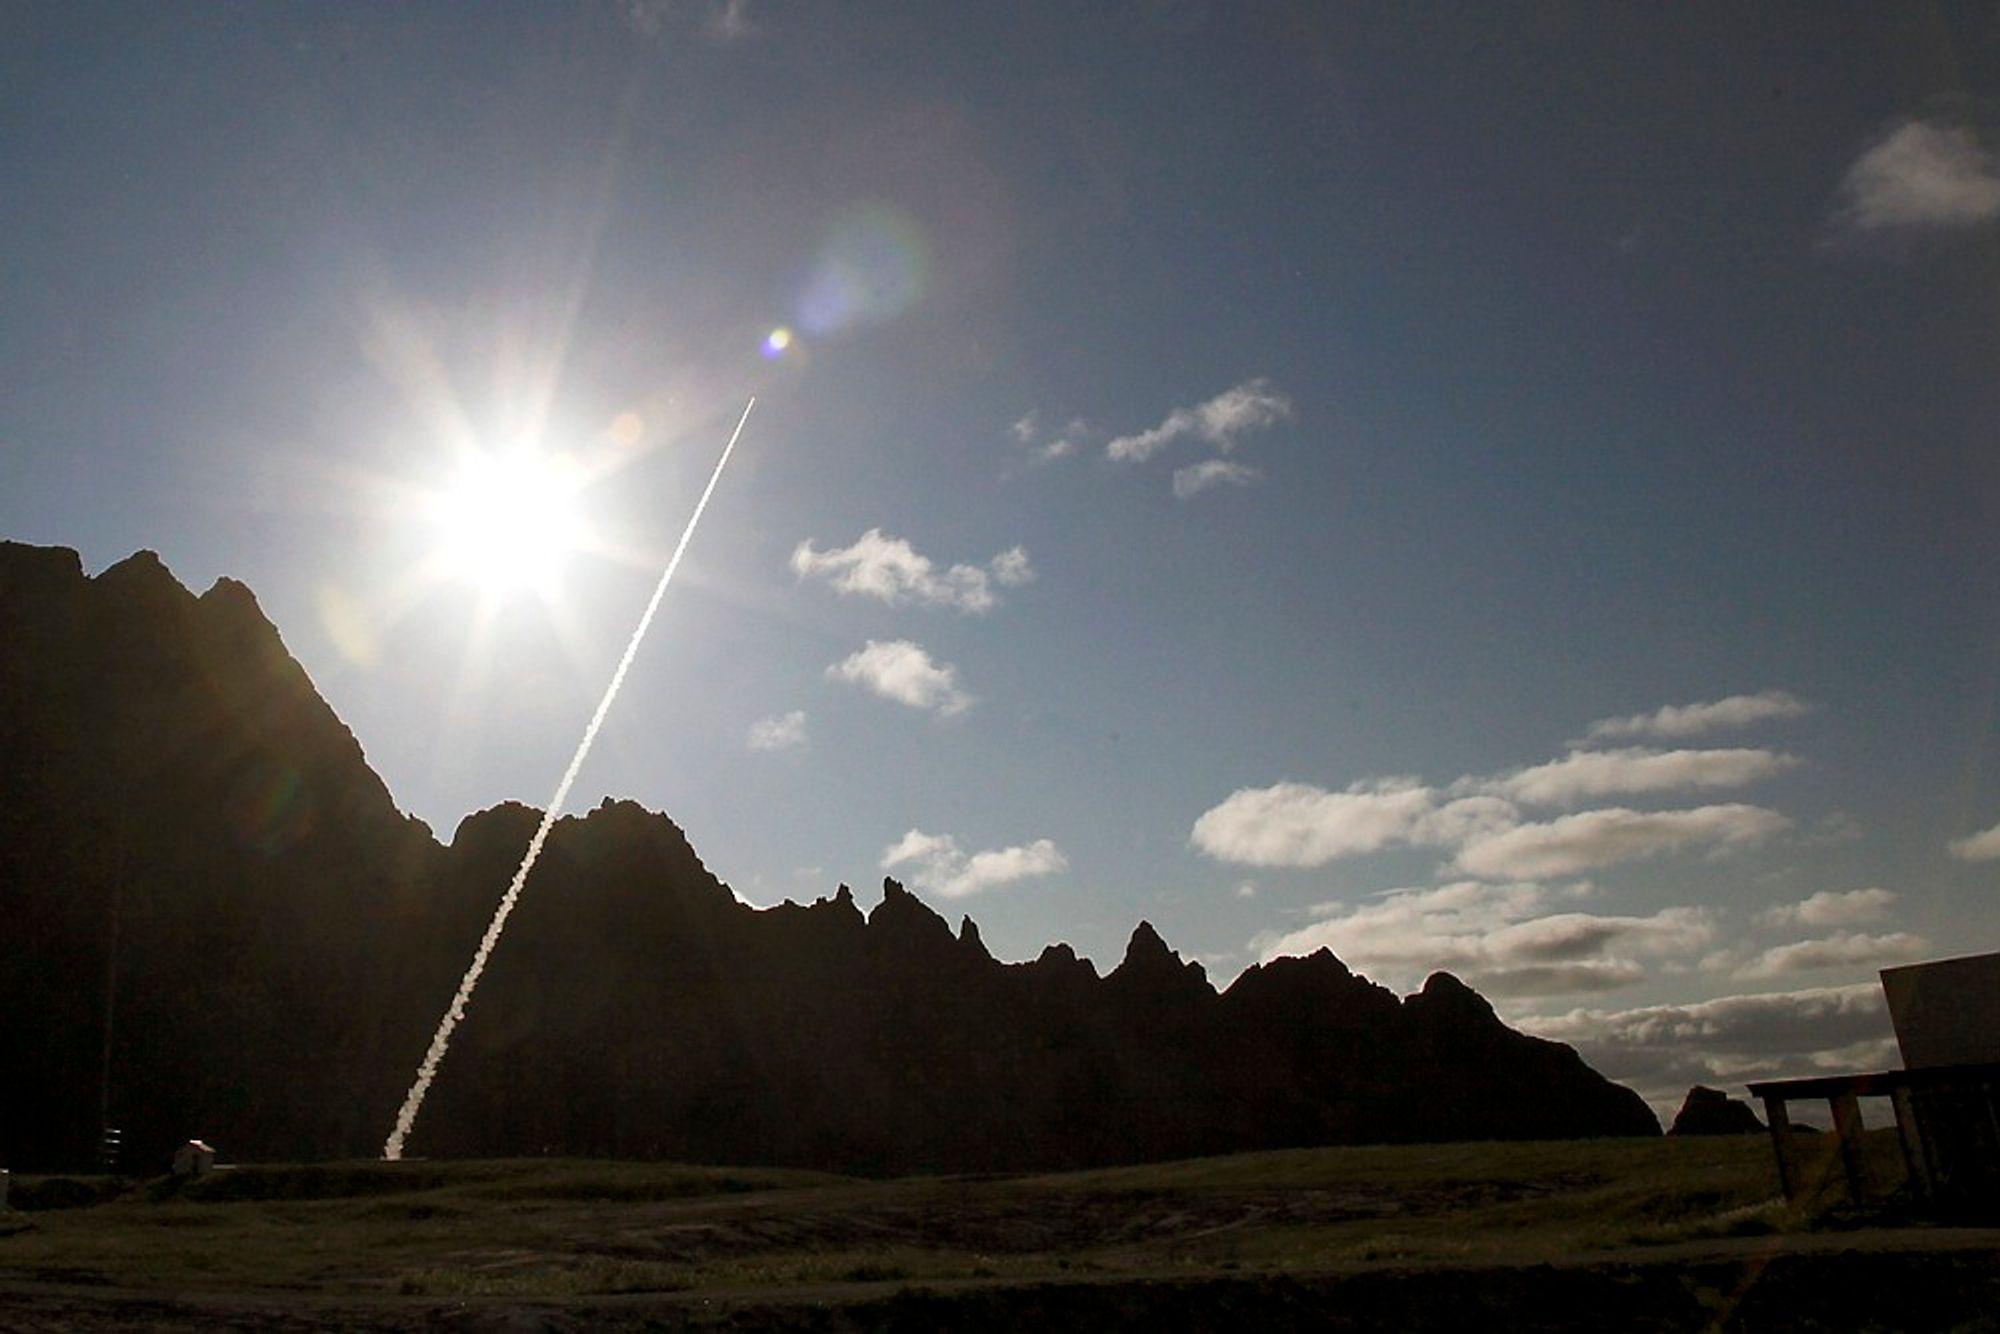 KONGELIG: Under kongebesøket på Andøya ble det skutt opp en jubileumsrakett. Raketting gikk ni kilometer opp og målte vind, trykk og temperatur. Foto: Kolbjørn Dahle / NTB scanpix